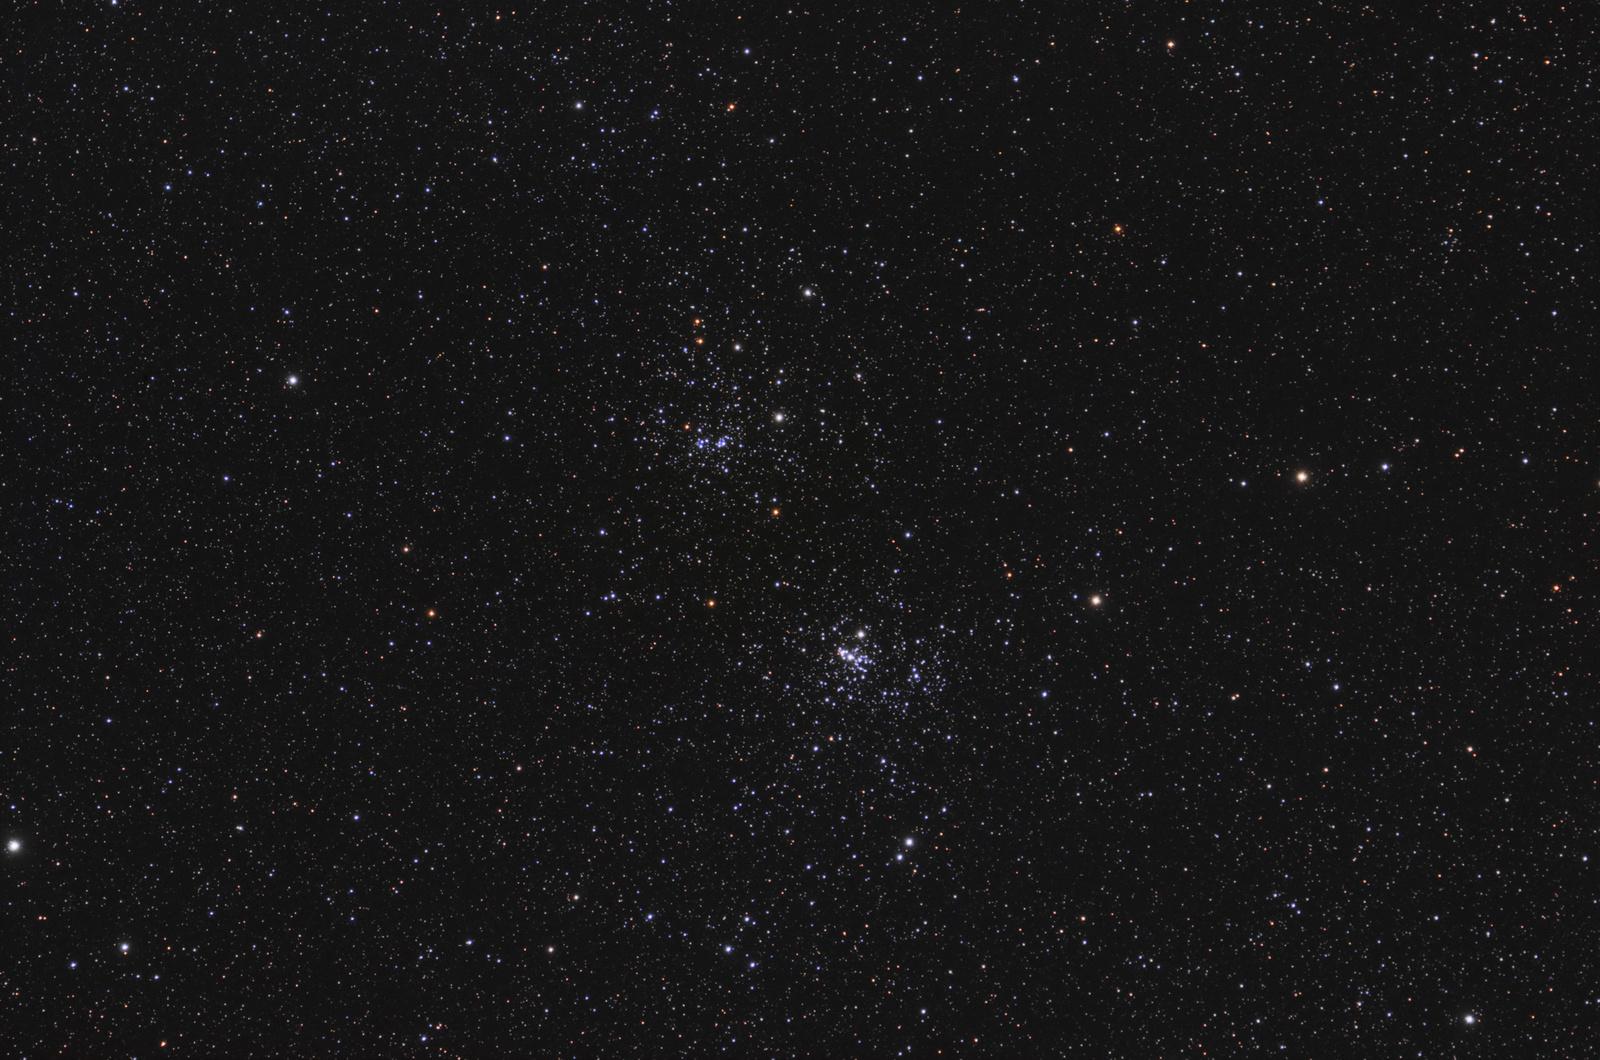 NGC884_L.thumb.jpg.4264558f4ddb4c4d9a3998d79665b00f.jpg